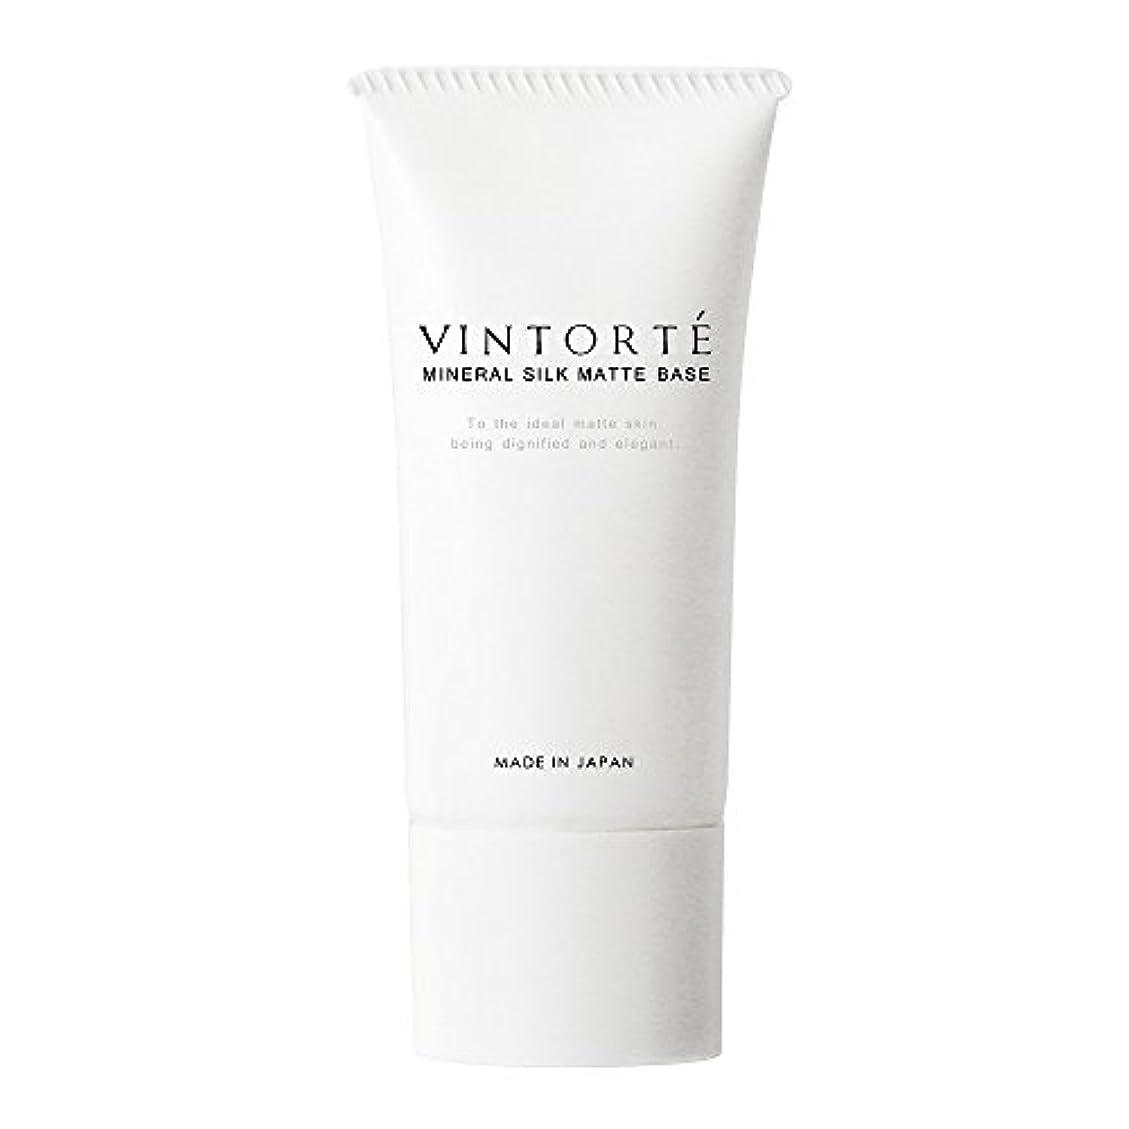 虎痛いポンドVINTORTE ミネラル シルク マットベース ヴァントルテ 化粧下地 クリーム ベースメイク v-msmb